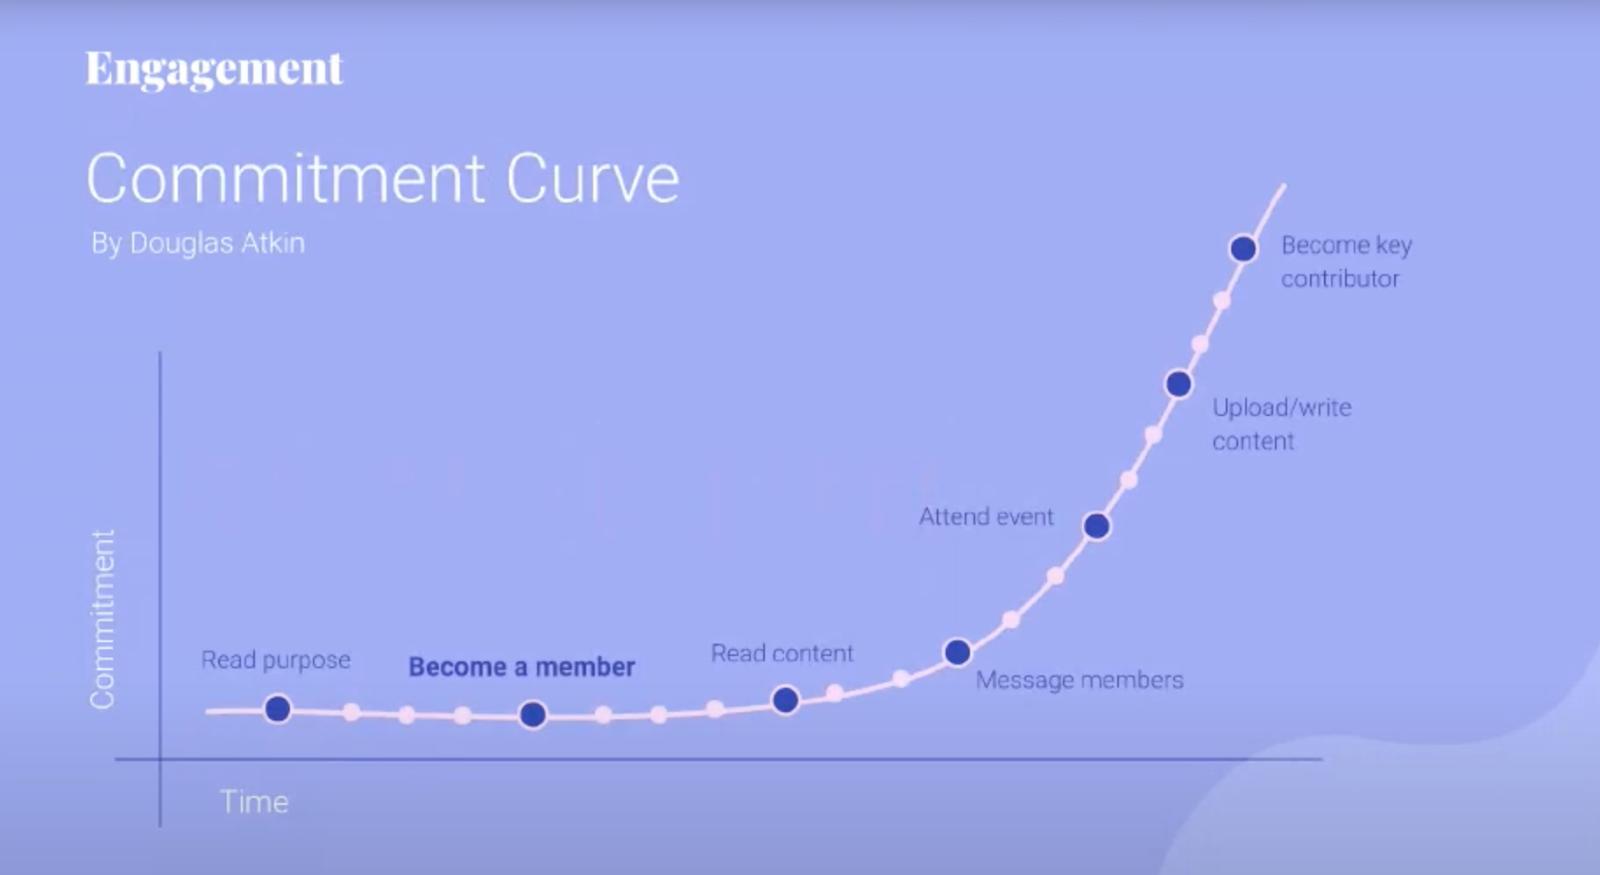 community engagement curve